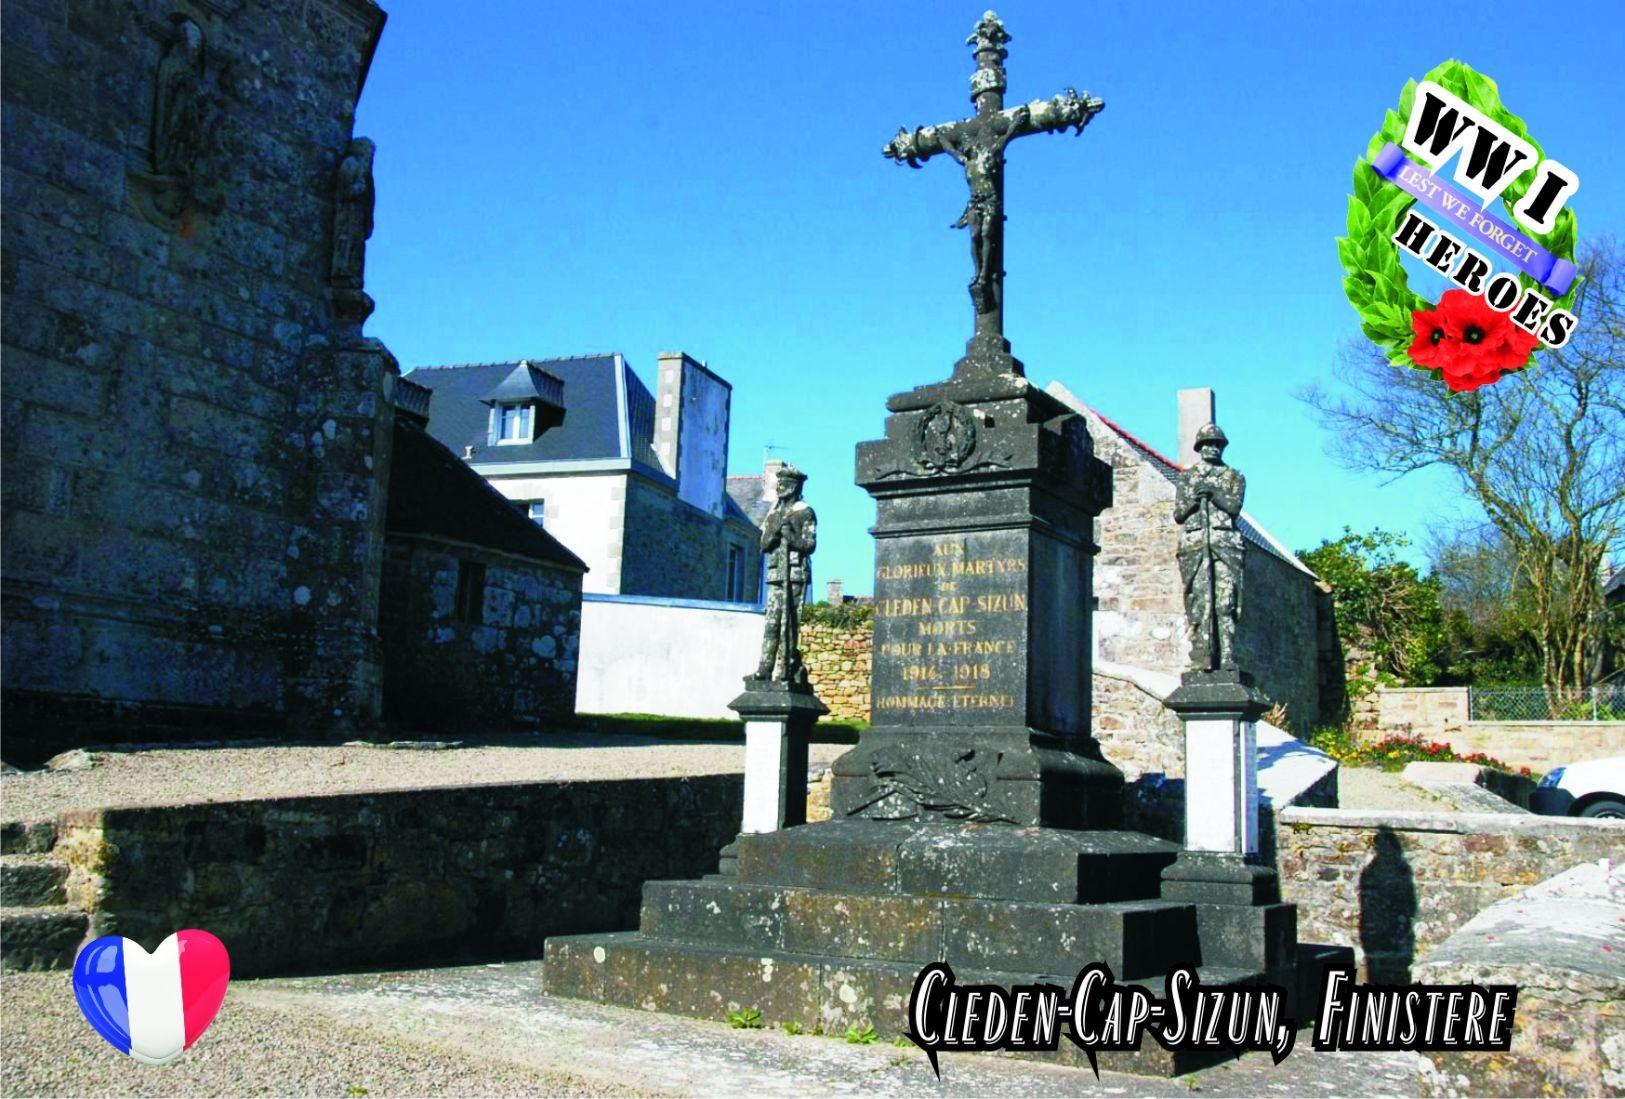 Carte Postale, Militaria, Monuments, World War I Monuments, France (Finistère), Cleden-Cap-Sizun - Oorlogsmonumenten